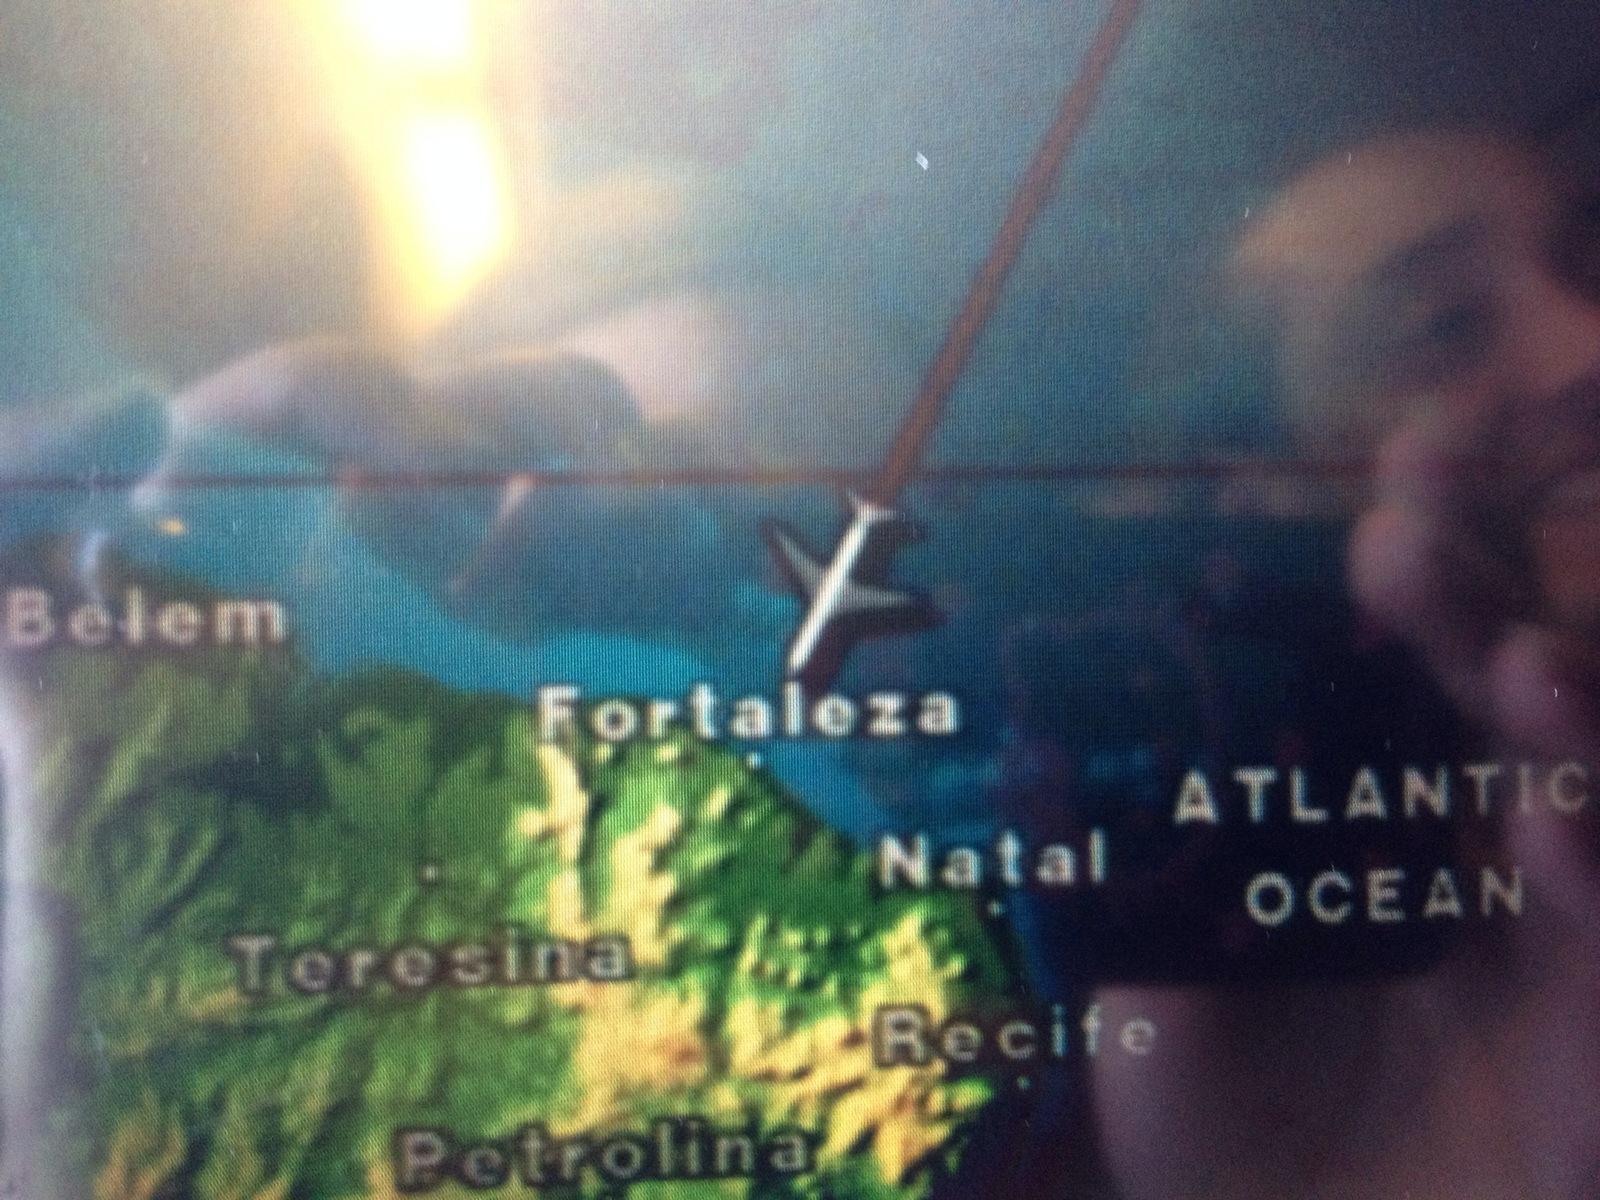 On The Way To Rio De Janeiro Bylem Tu Tony Halik